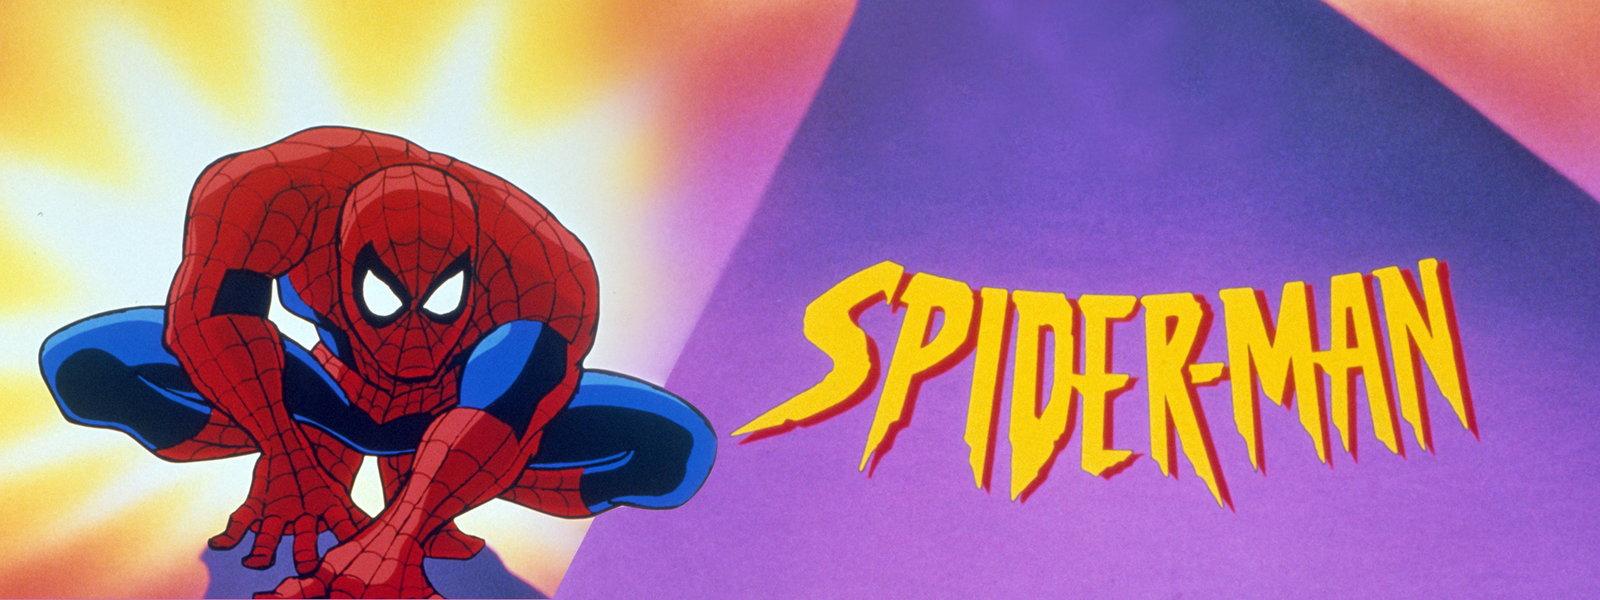 スパイダーマン 新アニメシリーズの動画 - アメイジング・スパイダーマン